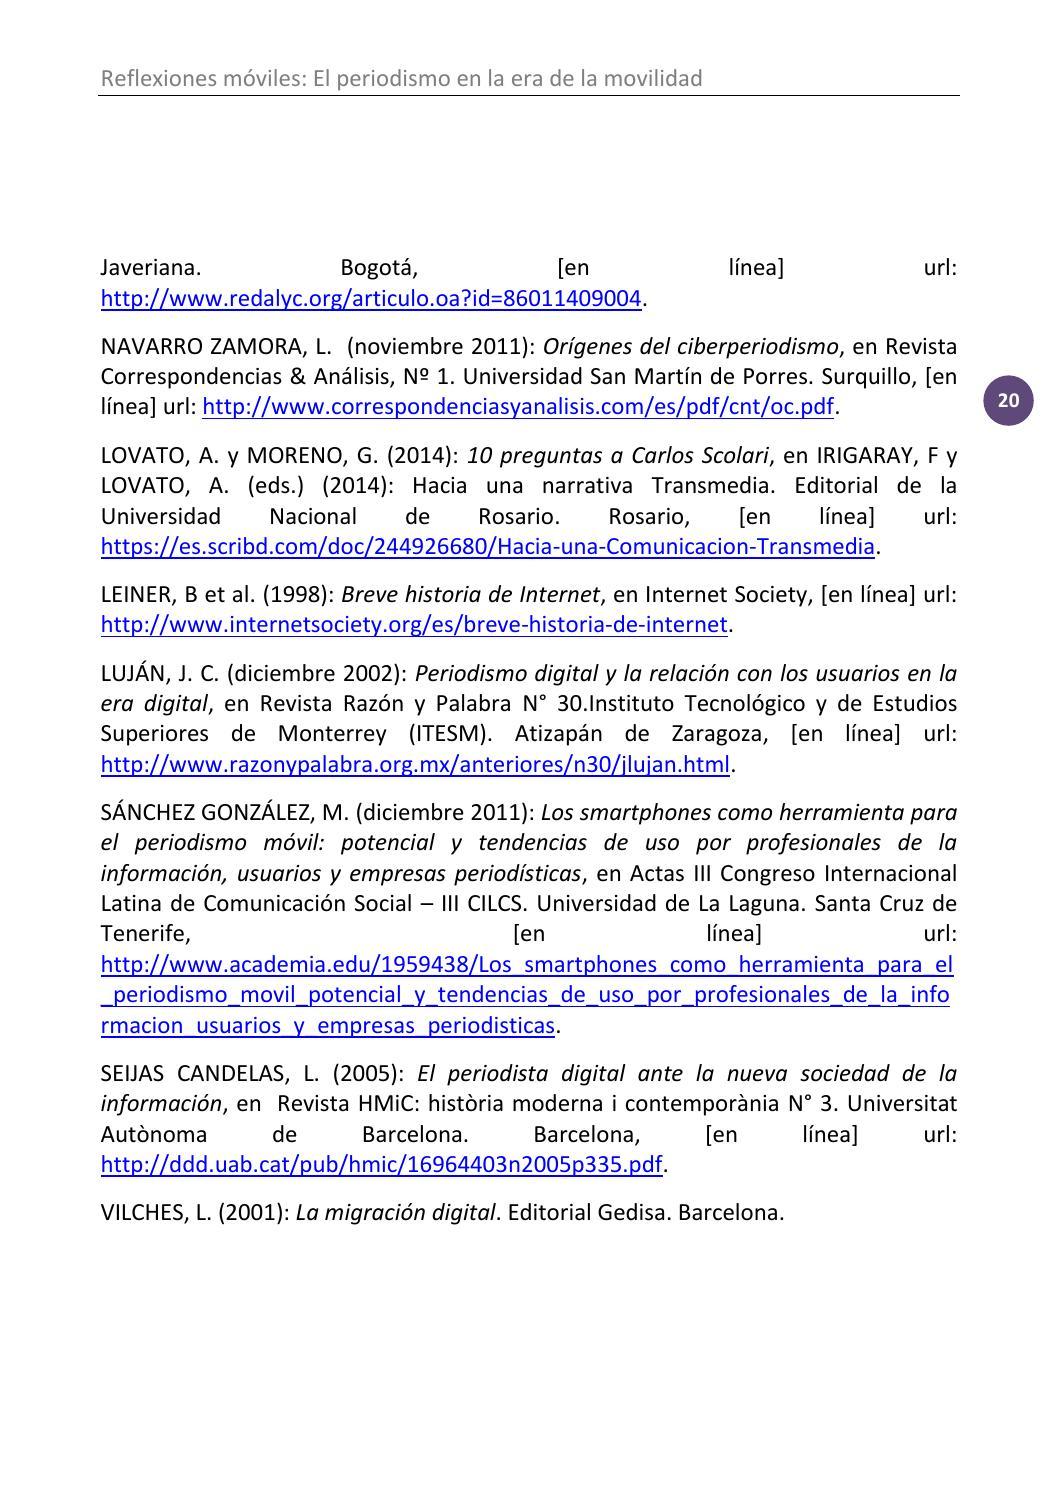 Carlos Scolari Narrativas Transmedia Pdf